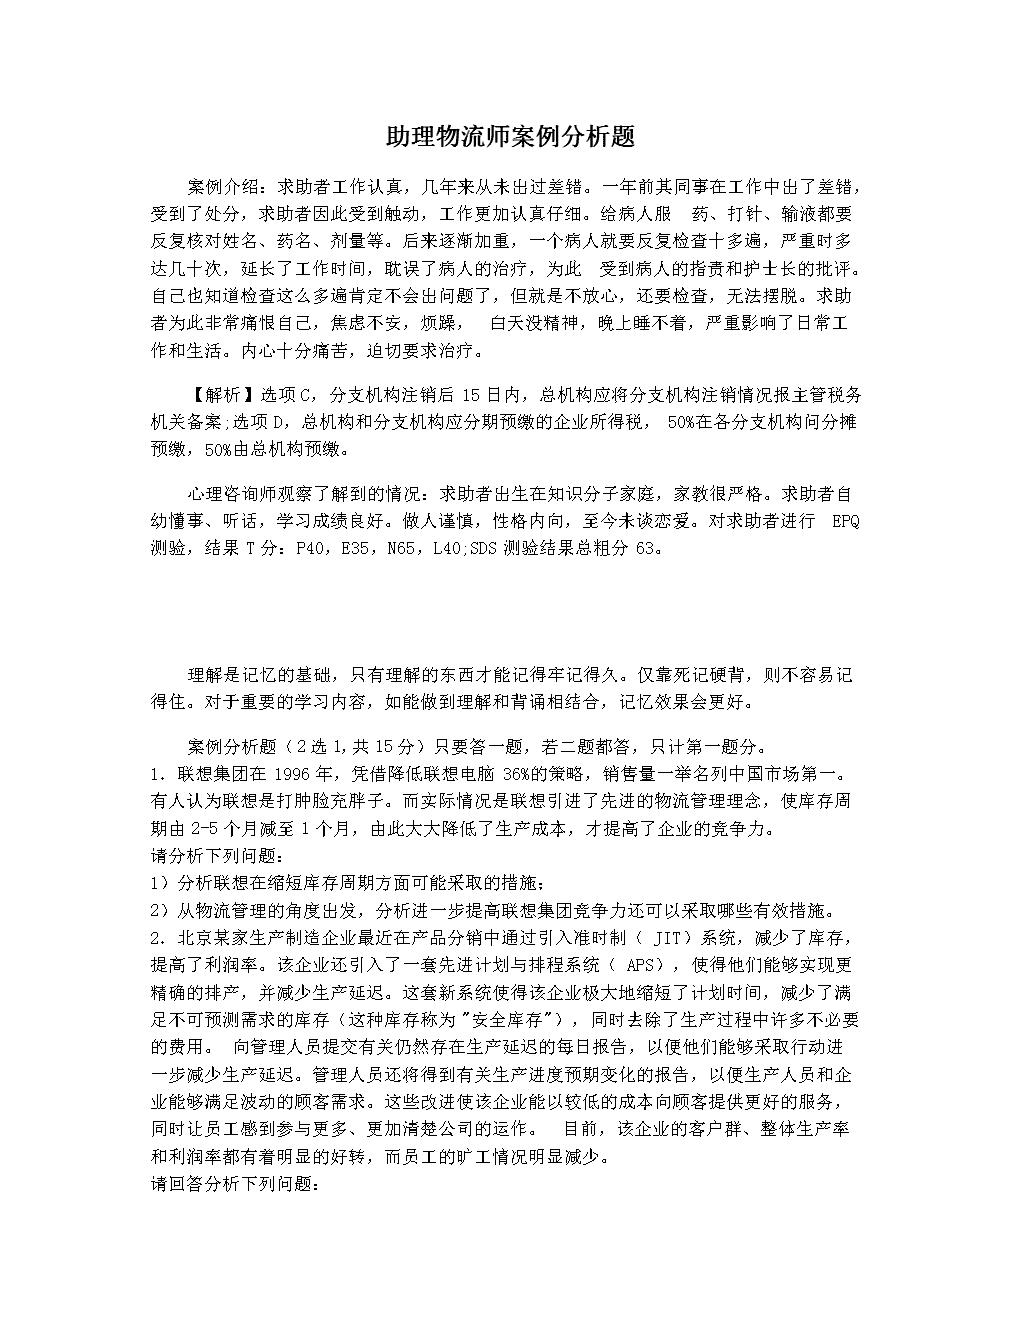 助理物流师案例分析题.docx